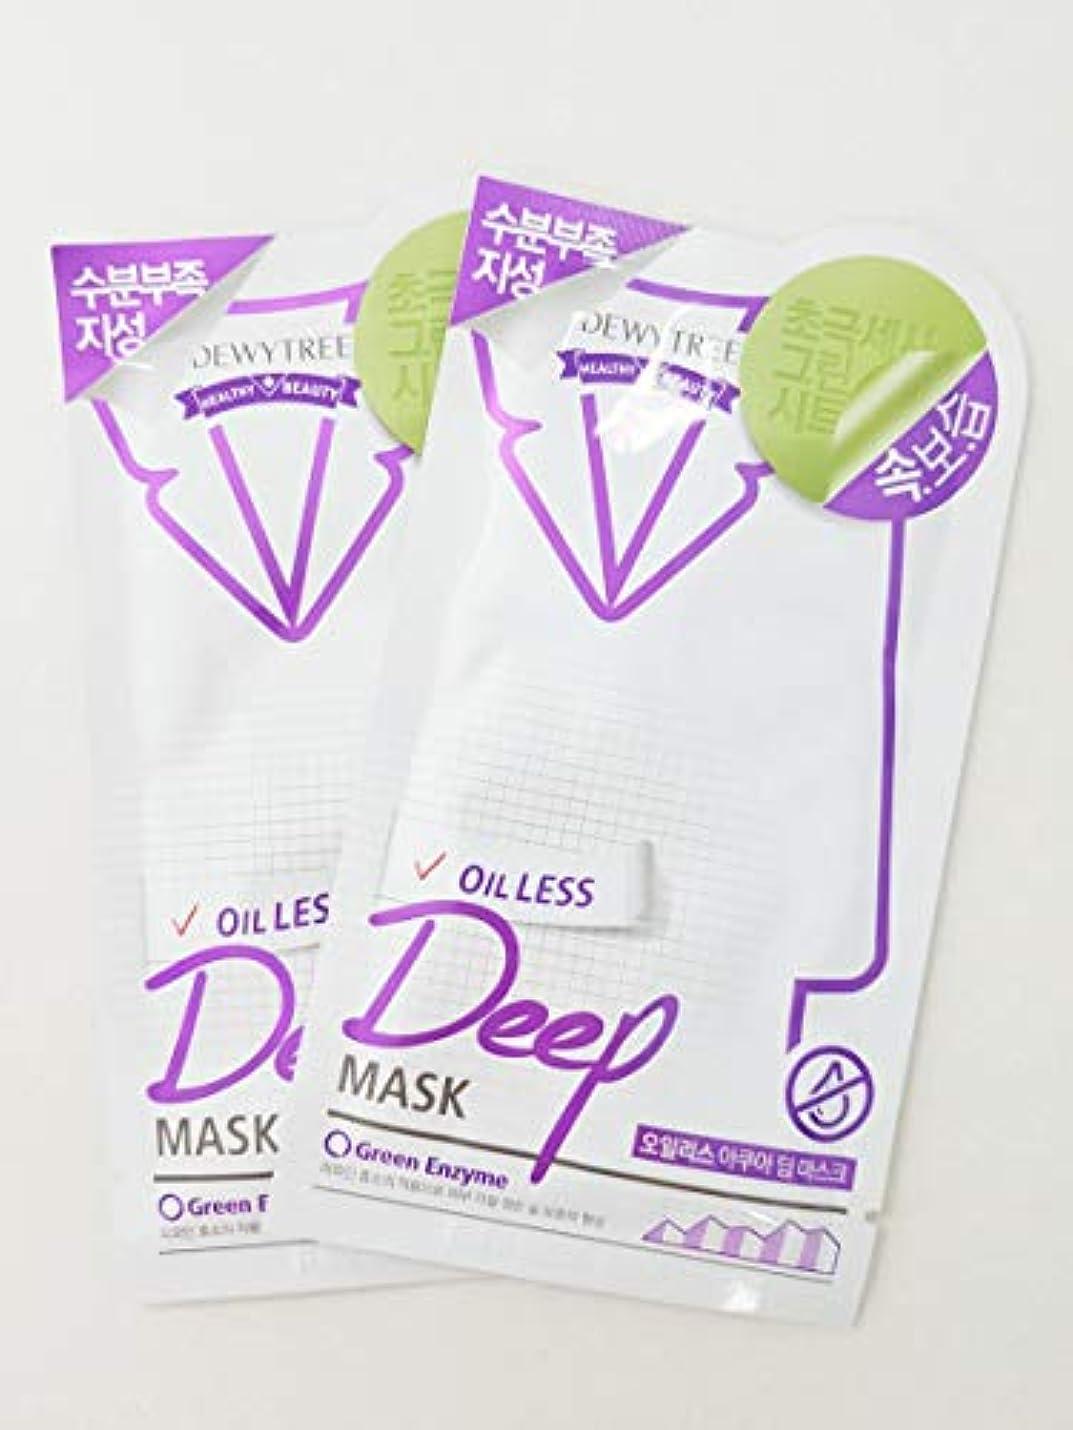 肝おんどりおもしろい(デューイトゥリー) DEWYTREE オイルレスアクアディープマスク 20枚 Oilless Aqua Dip Mask 韓国マスクパック (並行輸入品)